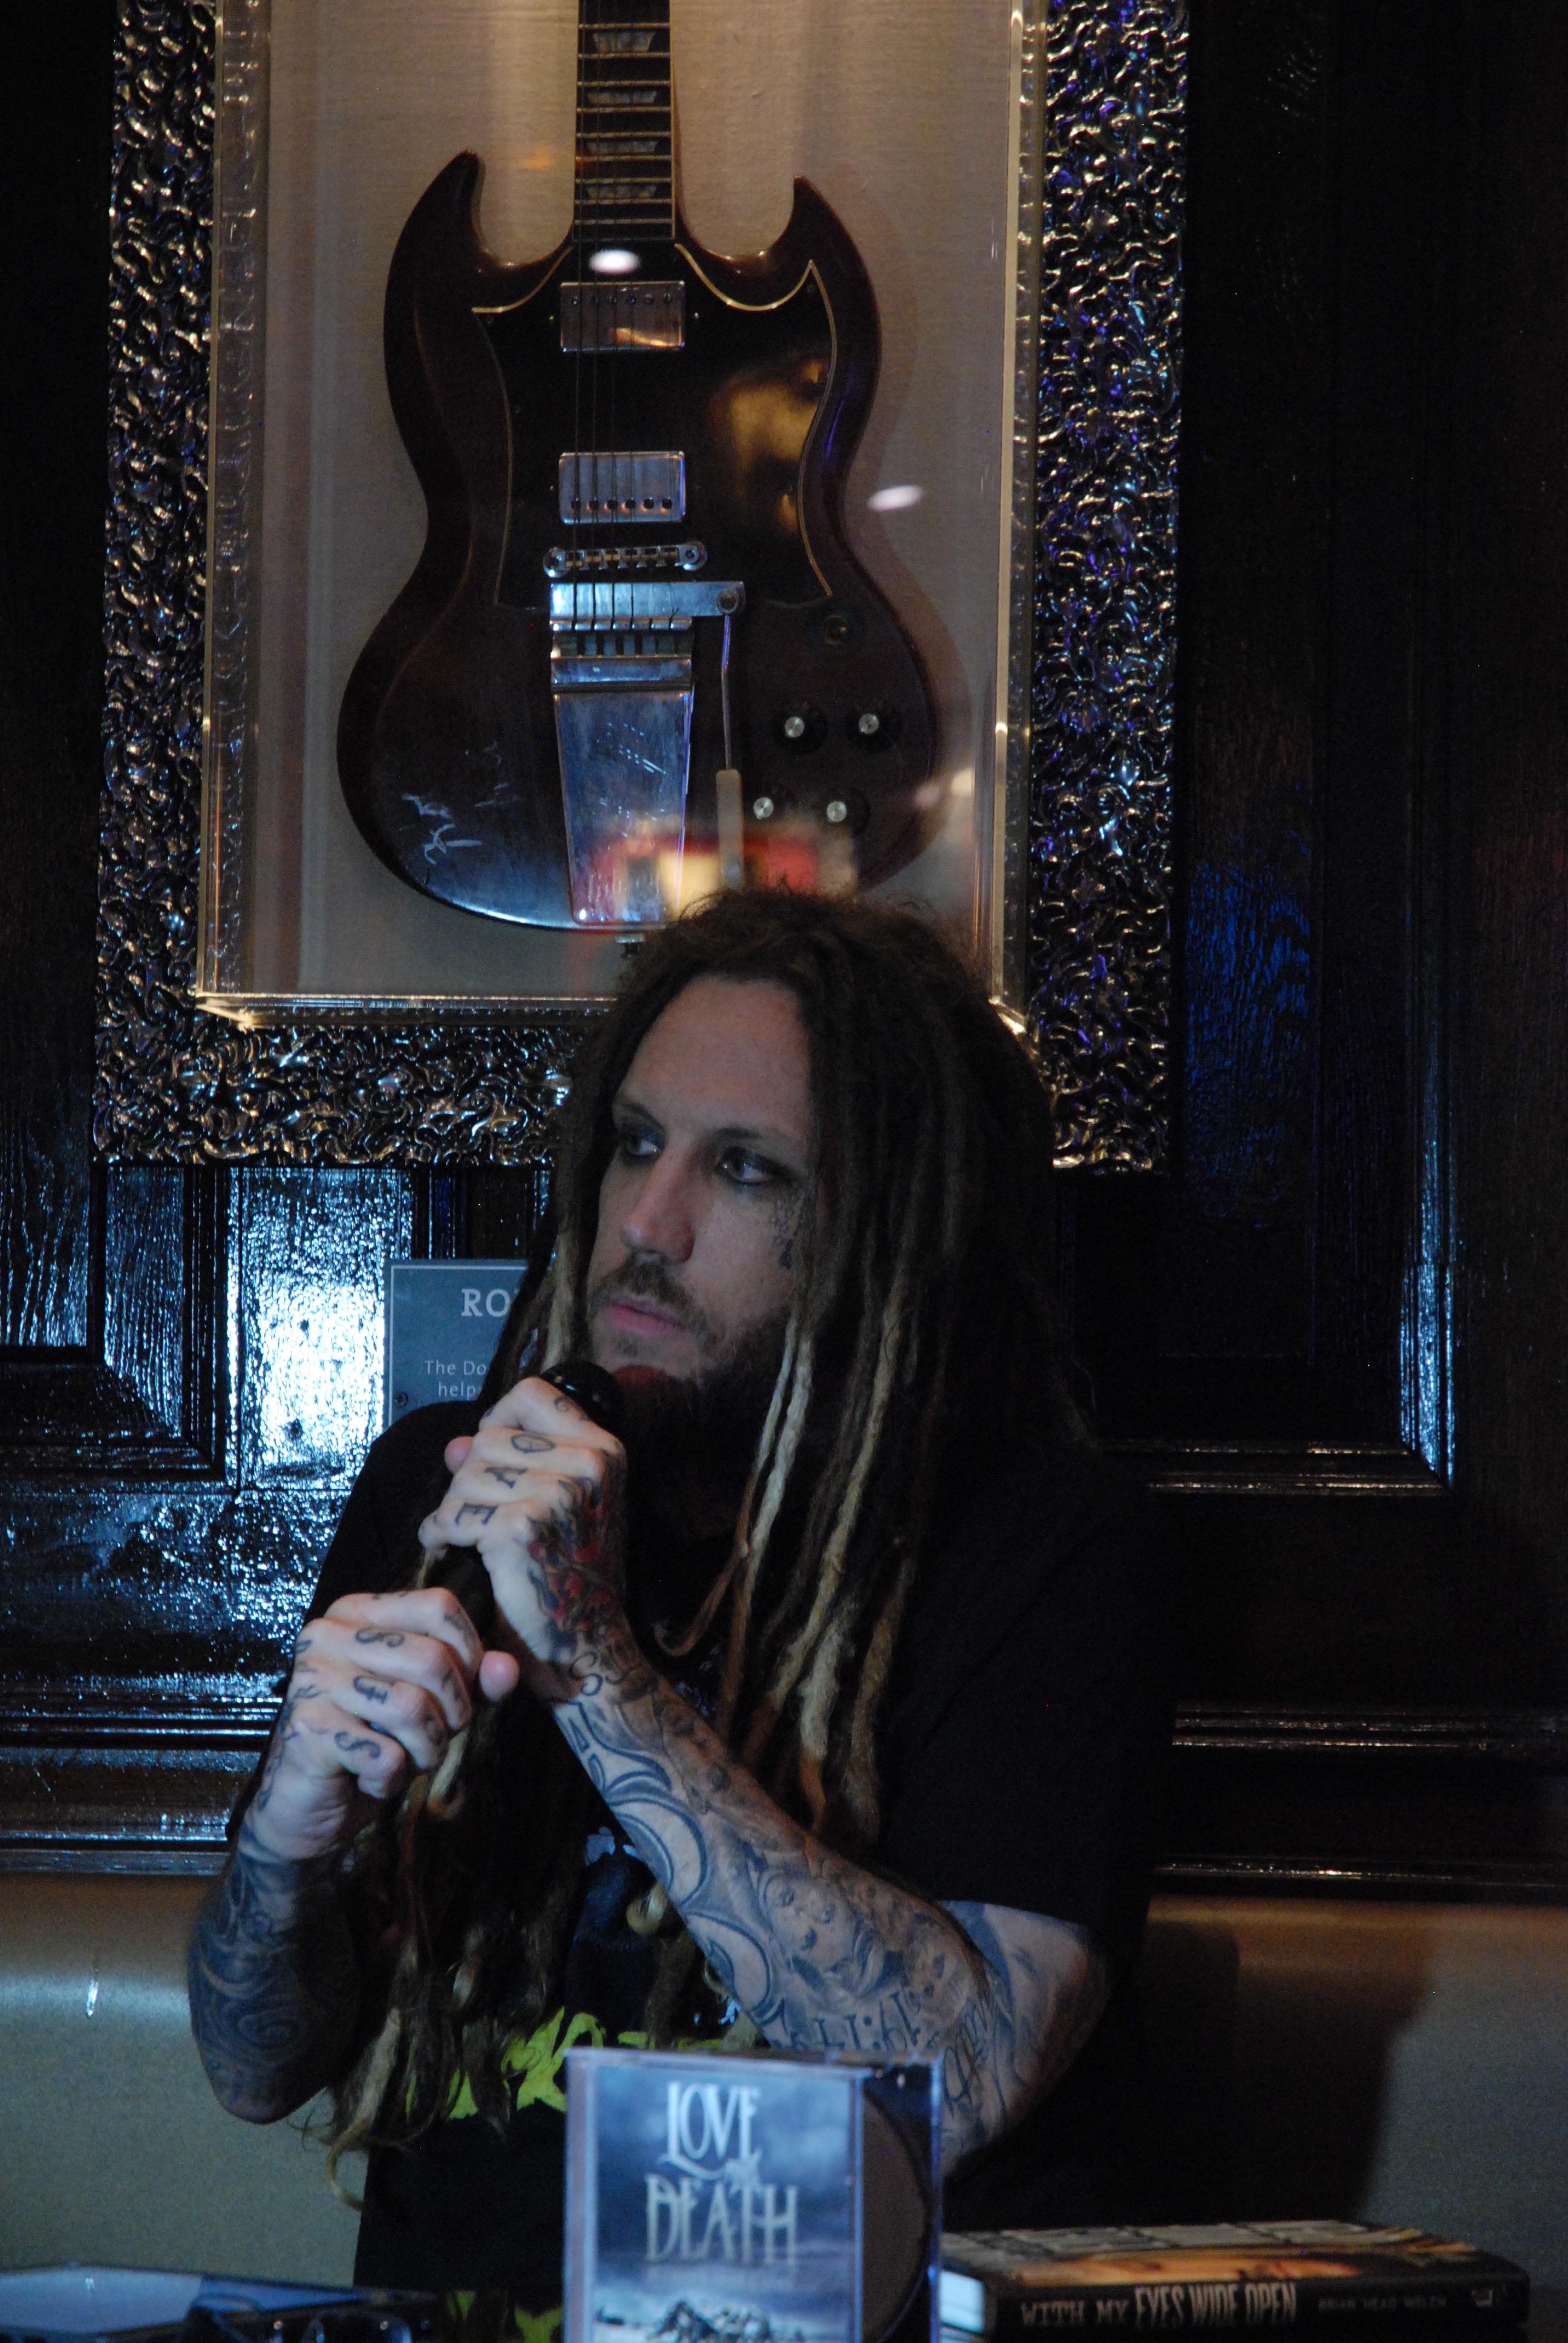 Le guitariste de Korn raconte son histoire devant un public de fans © Marie-Clothilde Bailbé